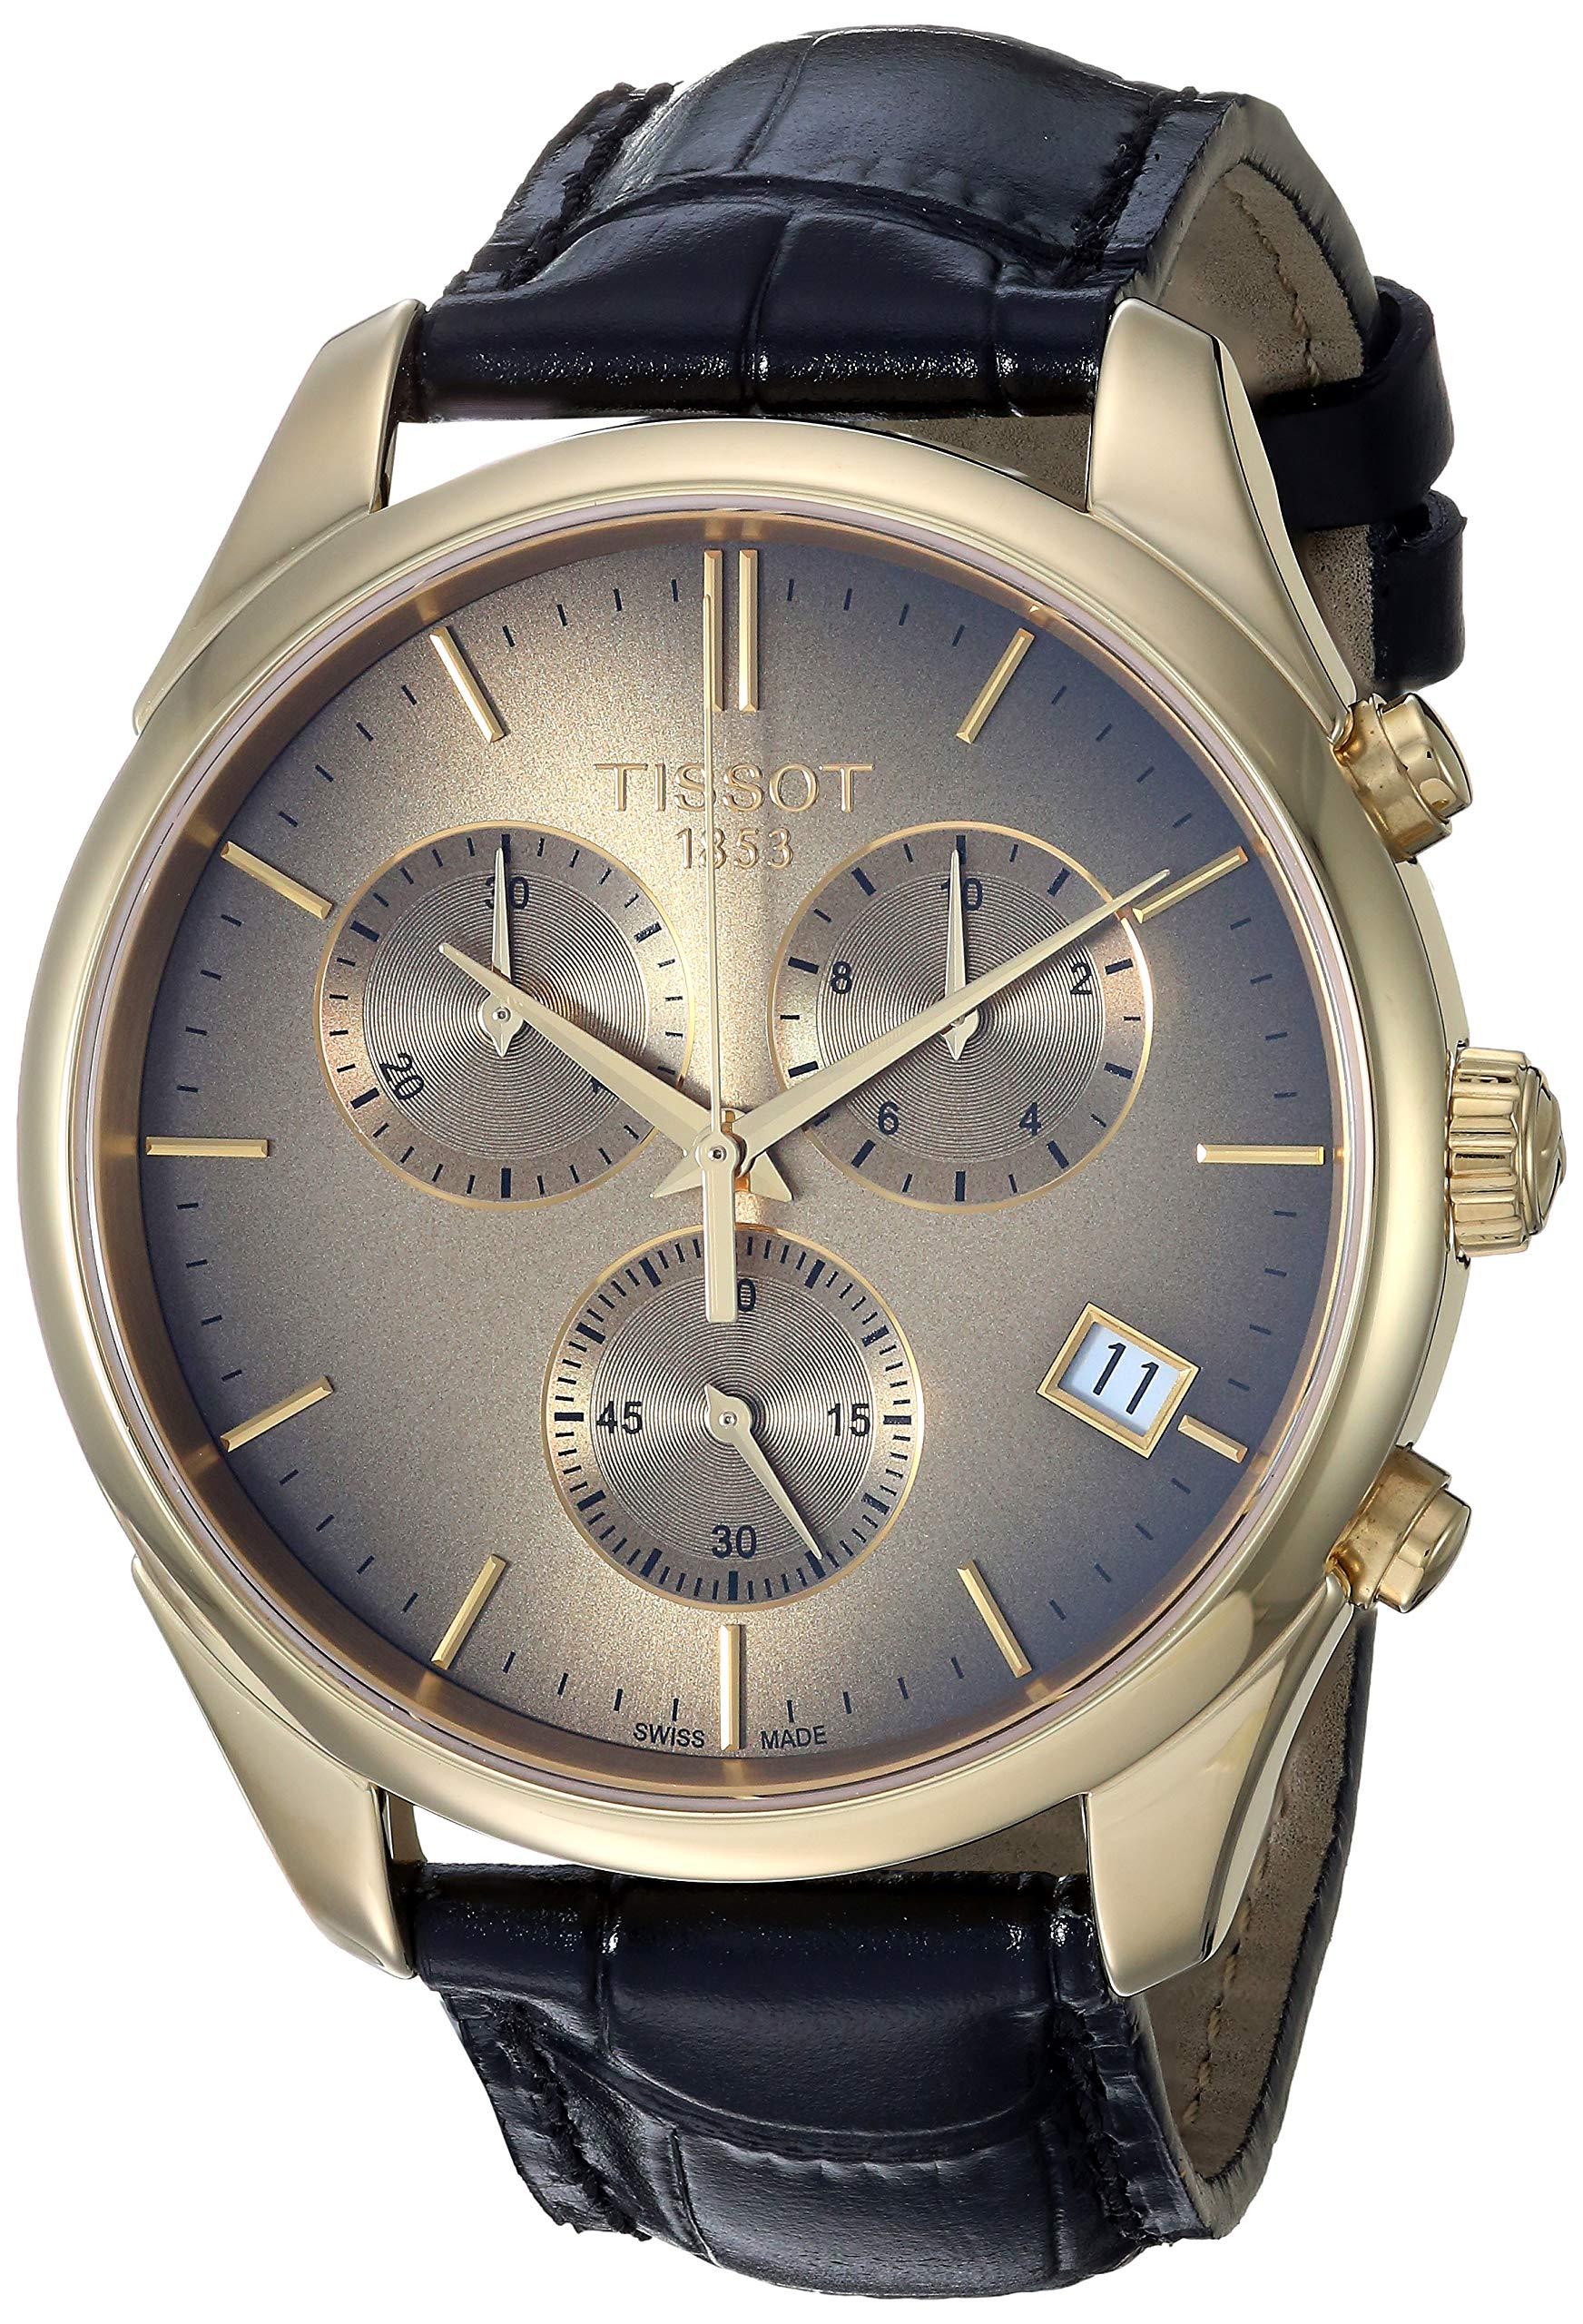 Tissot 男式复古瑞士石英钢和 18K 金正装手表(型号:T9204171629100)